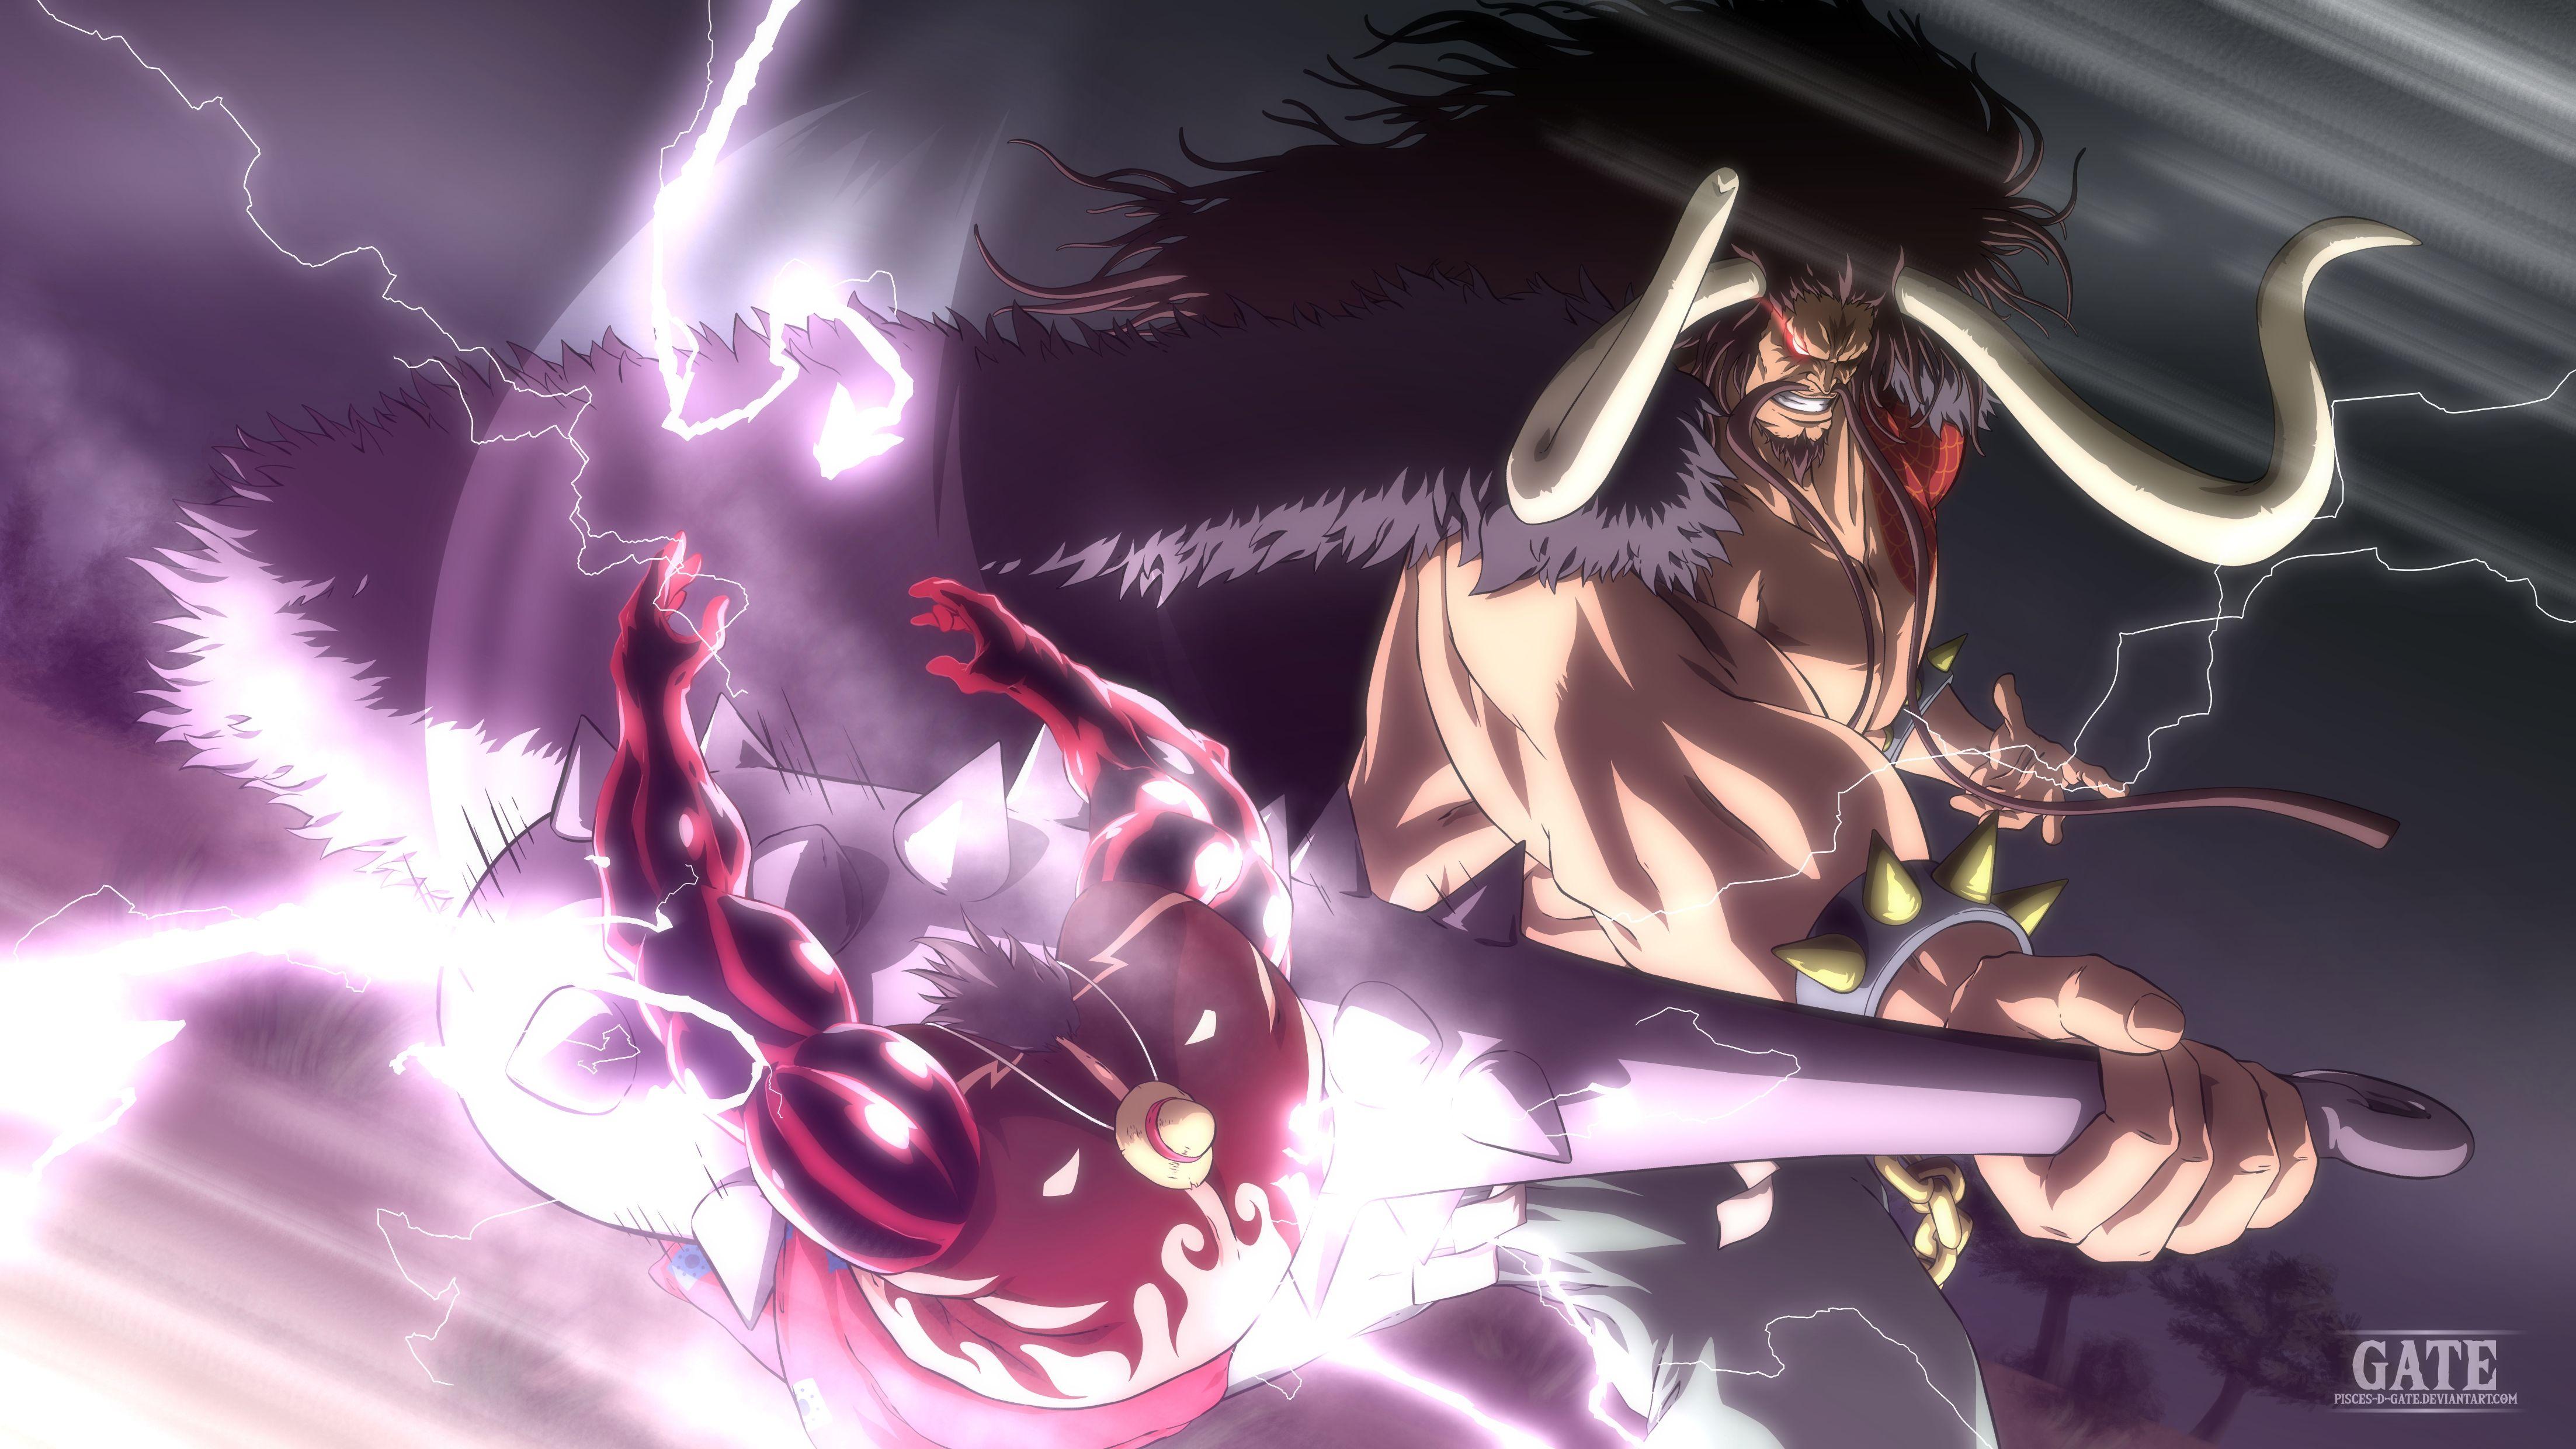 One Piece Chapter 923 Raimei Hakke By Pisces D Gate One Piece World One Piece Fanart One Piece Anime